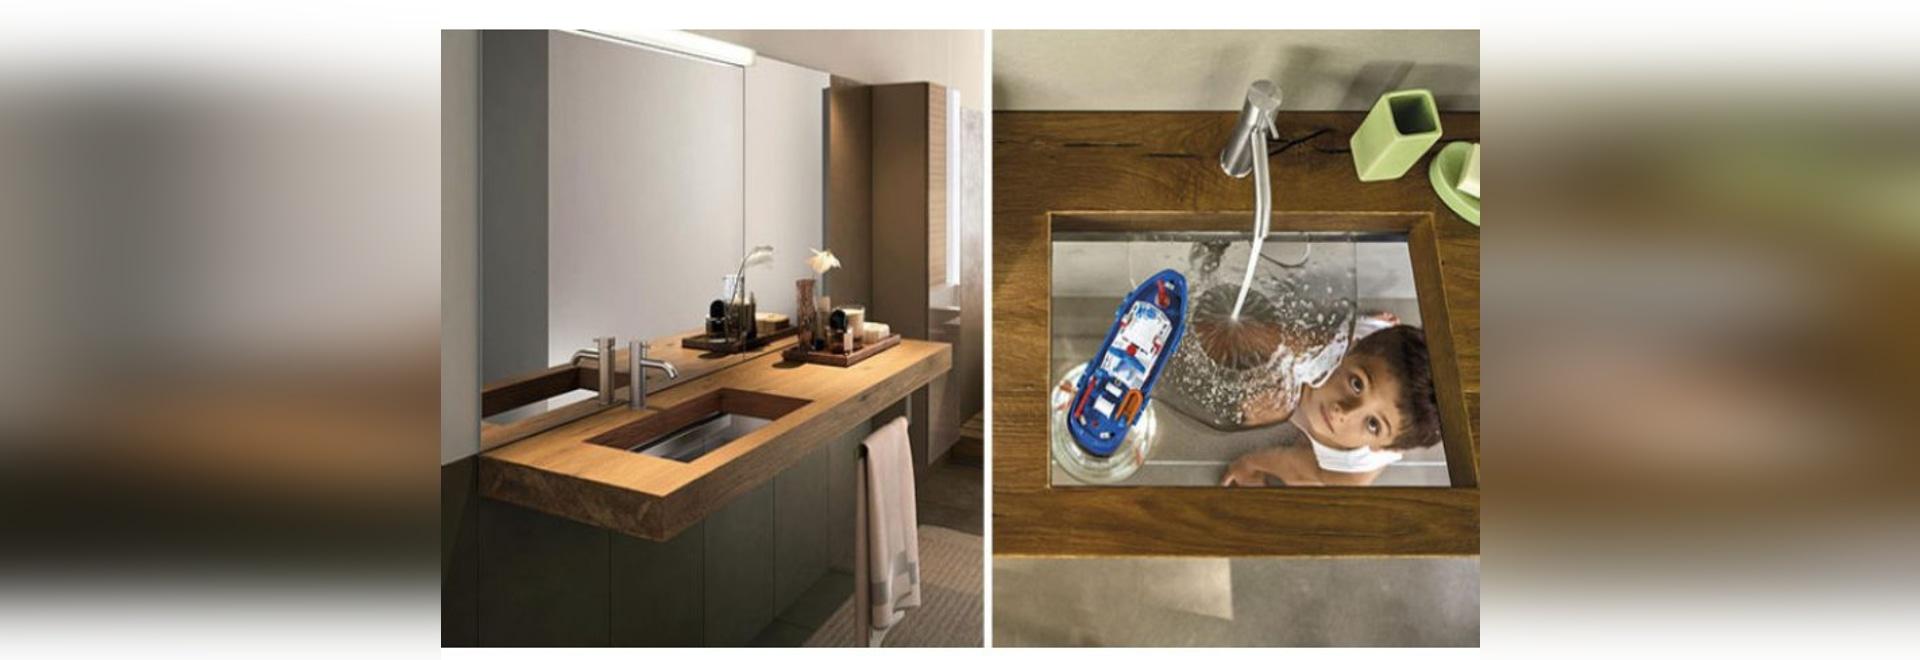 Diese Badezimmerwanne war mit einer transparenten Glasunterseite entworfen